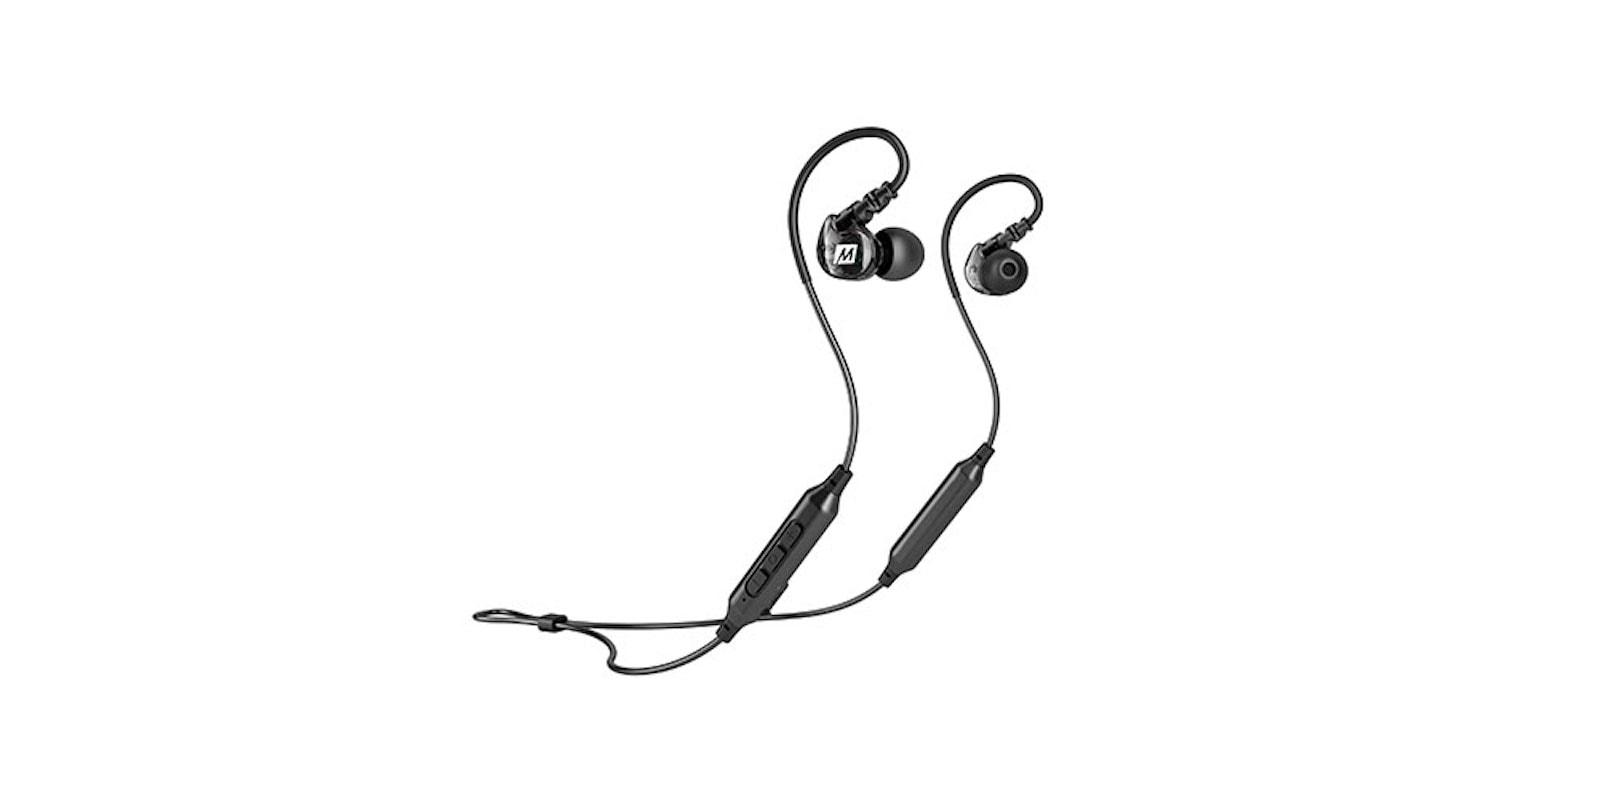 MEE Audio X6 Bluetooth Wireless Sports In-Ear Headset